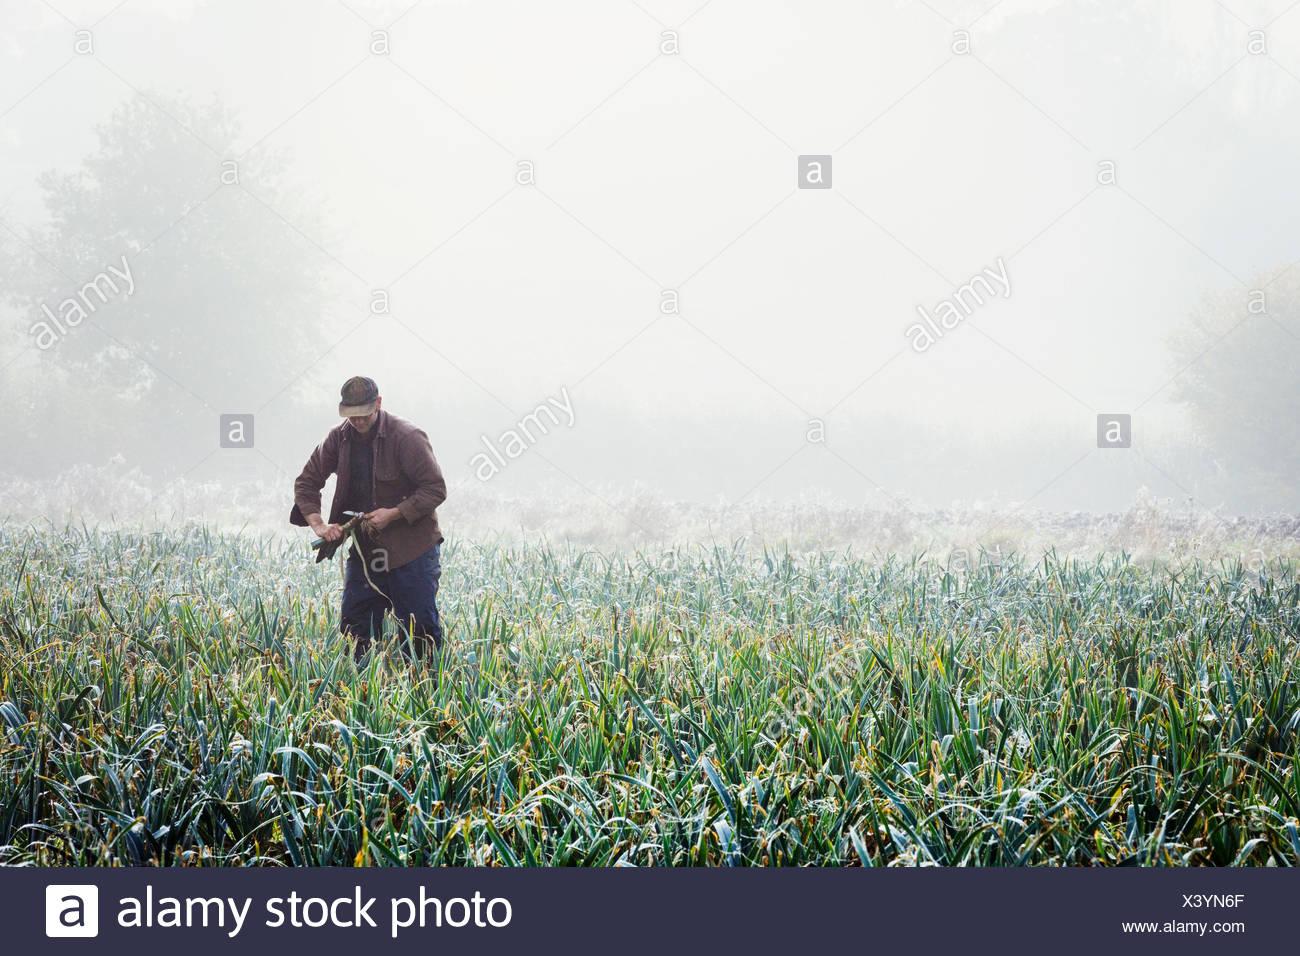 Un uomo di sollevamento e rifilatura porri organico in un campo, di nebbia che salgono dal terreno. Immagini Stock